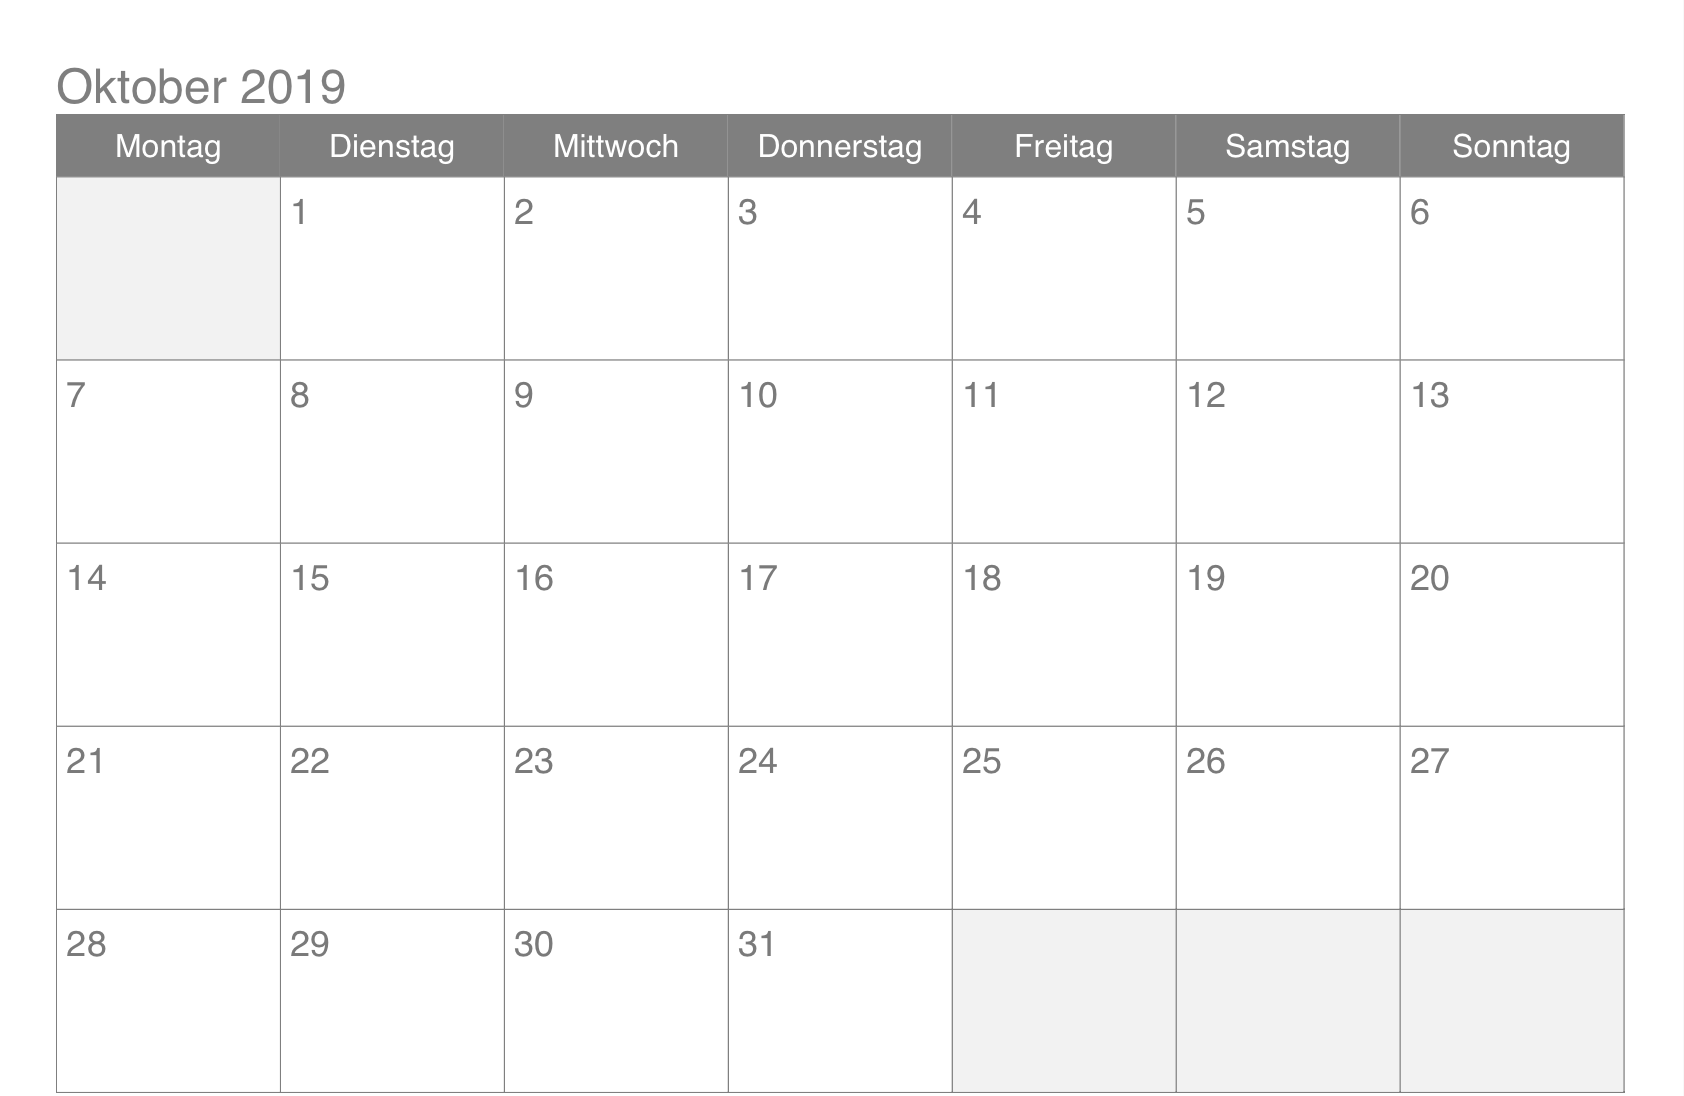 Oktober 2019 Kalender Pdf 2019 Kalender Leerer Kalender Oktober Kalender